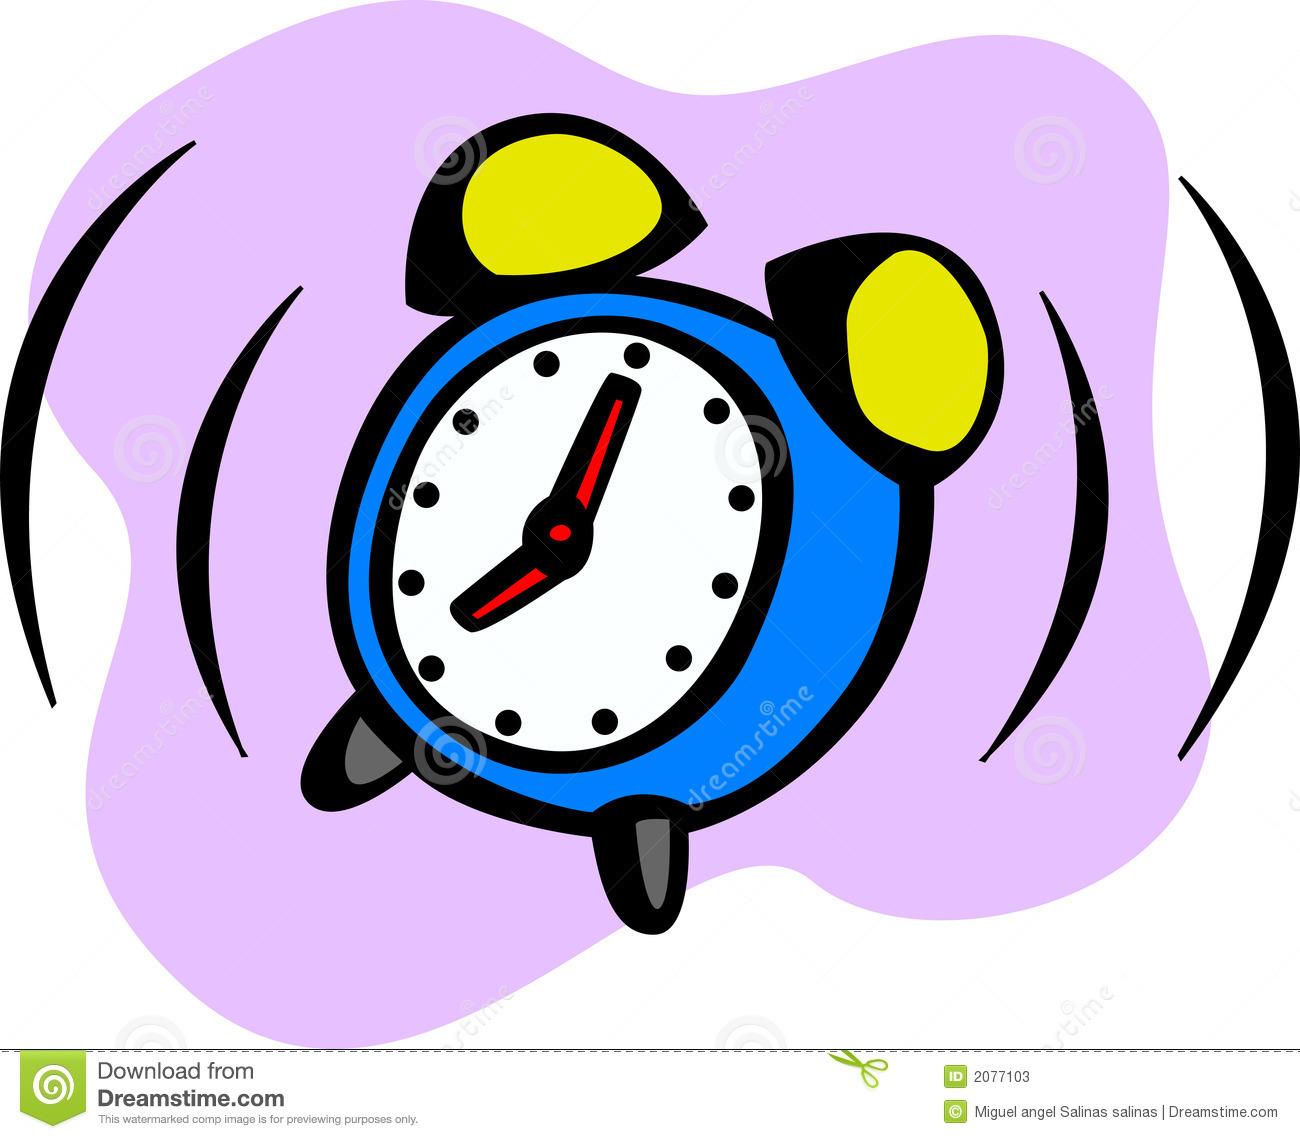 clipart alarm clock unique alarm clock rh alarmclock sfegotist com 7 O'Clock Clip Art Thinking Clip Art